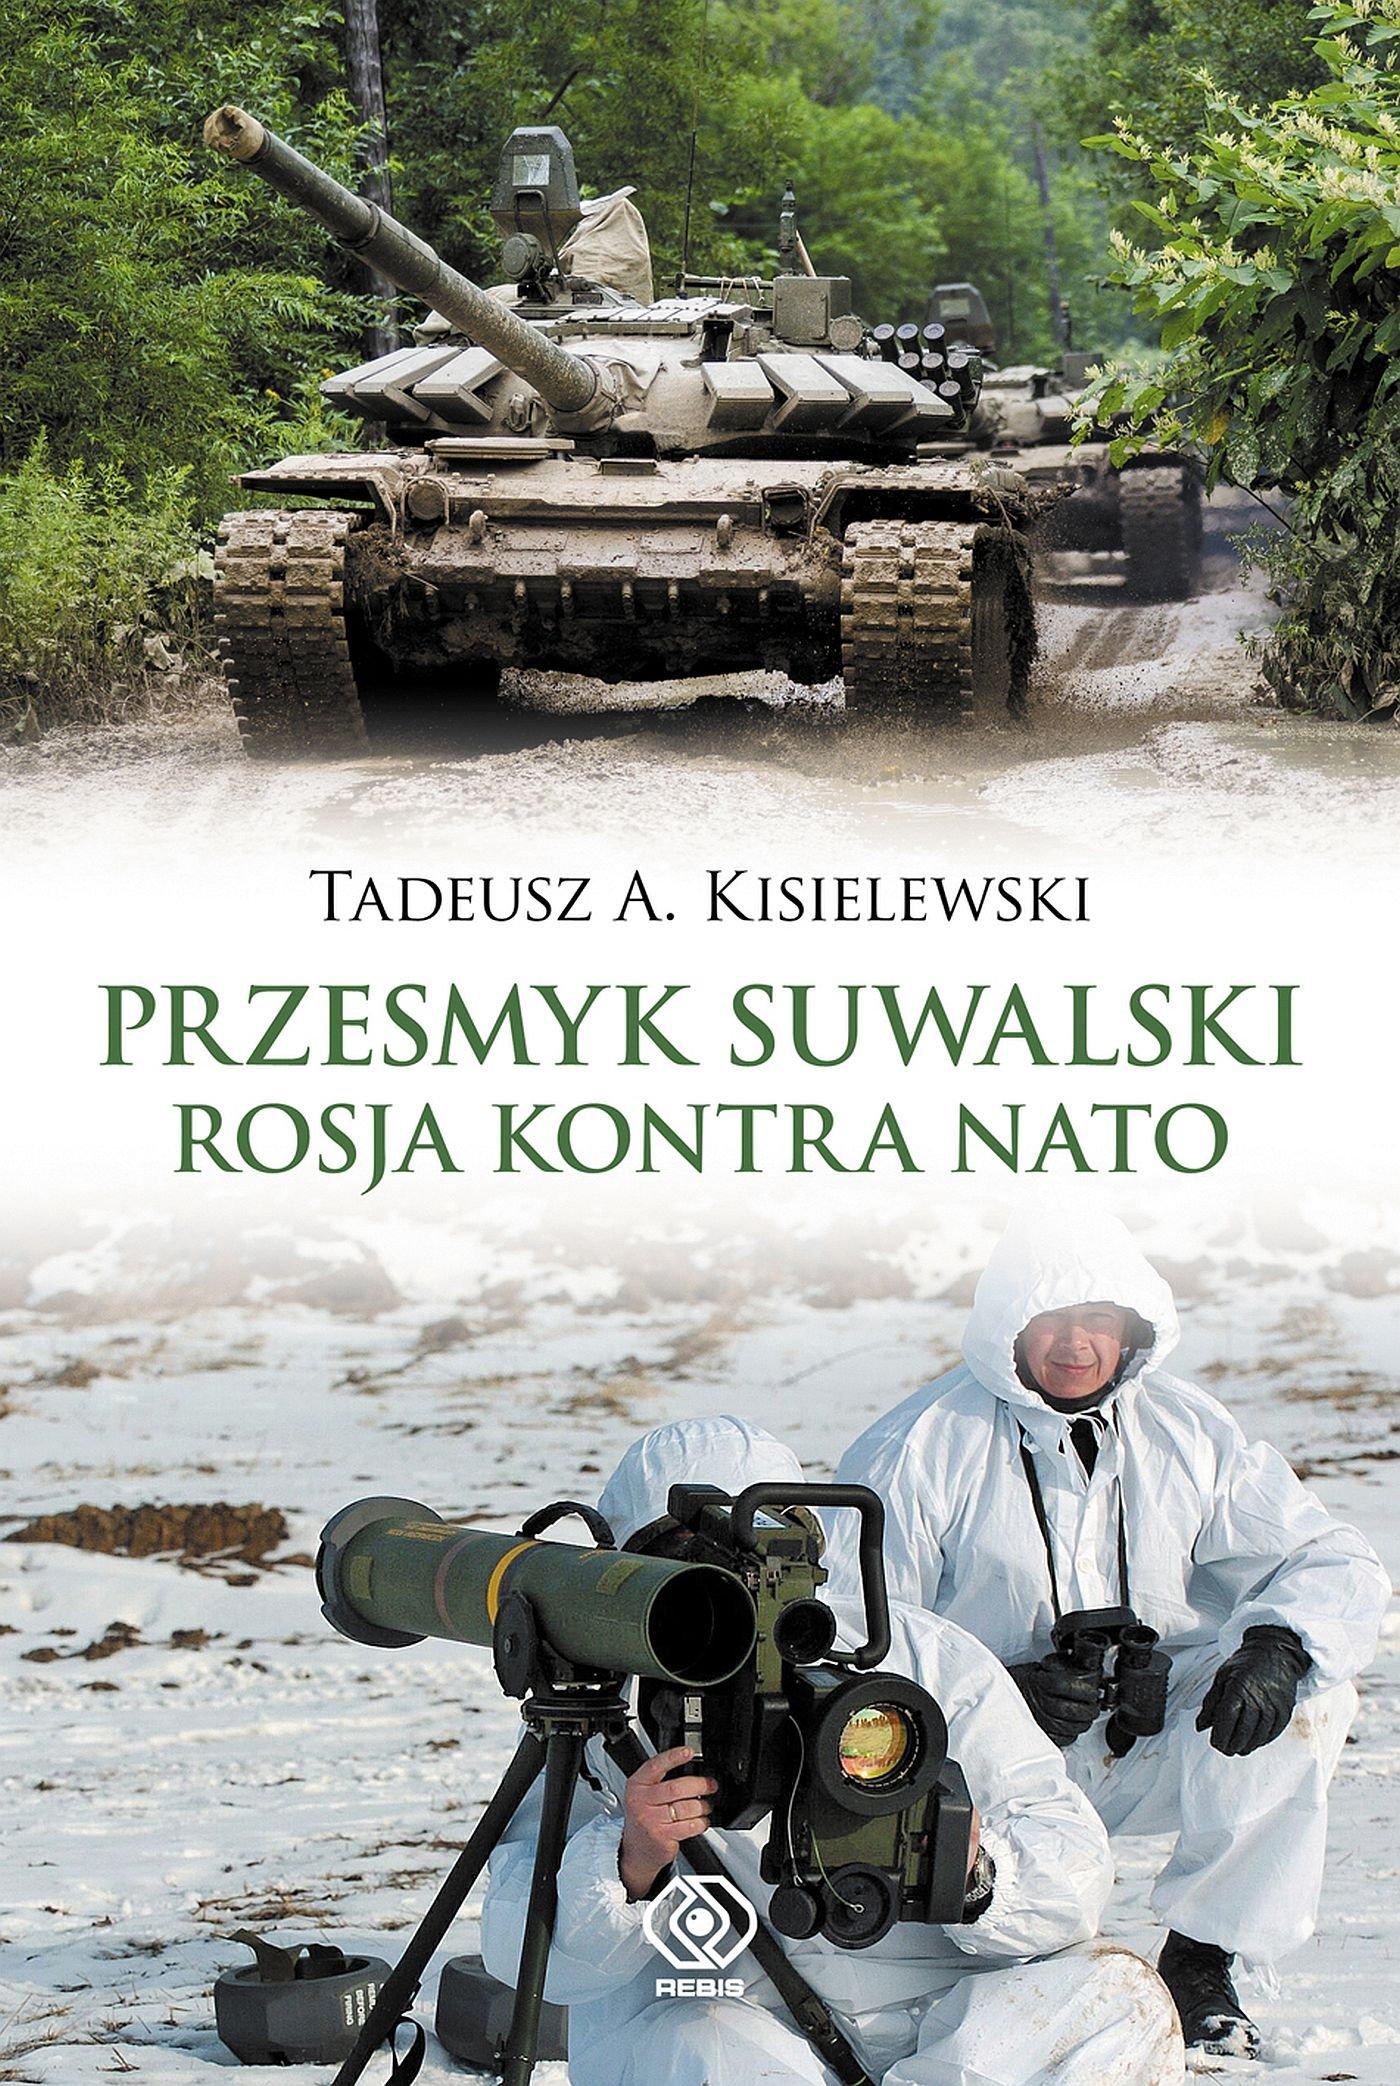 Przesmyk suwalski. Rosja kontra NATO - Ebook (Książka EPUB) do pobrania w formacie EPUB